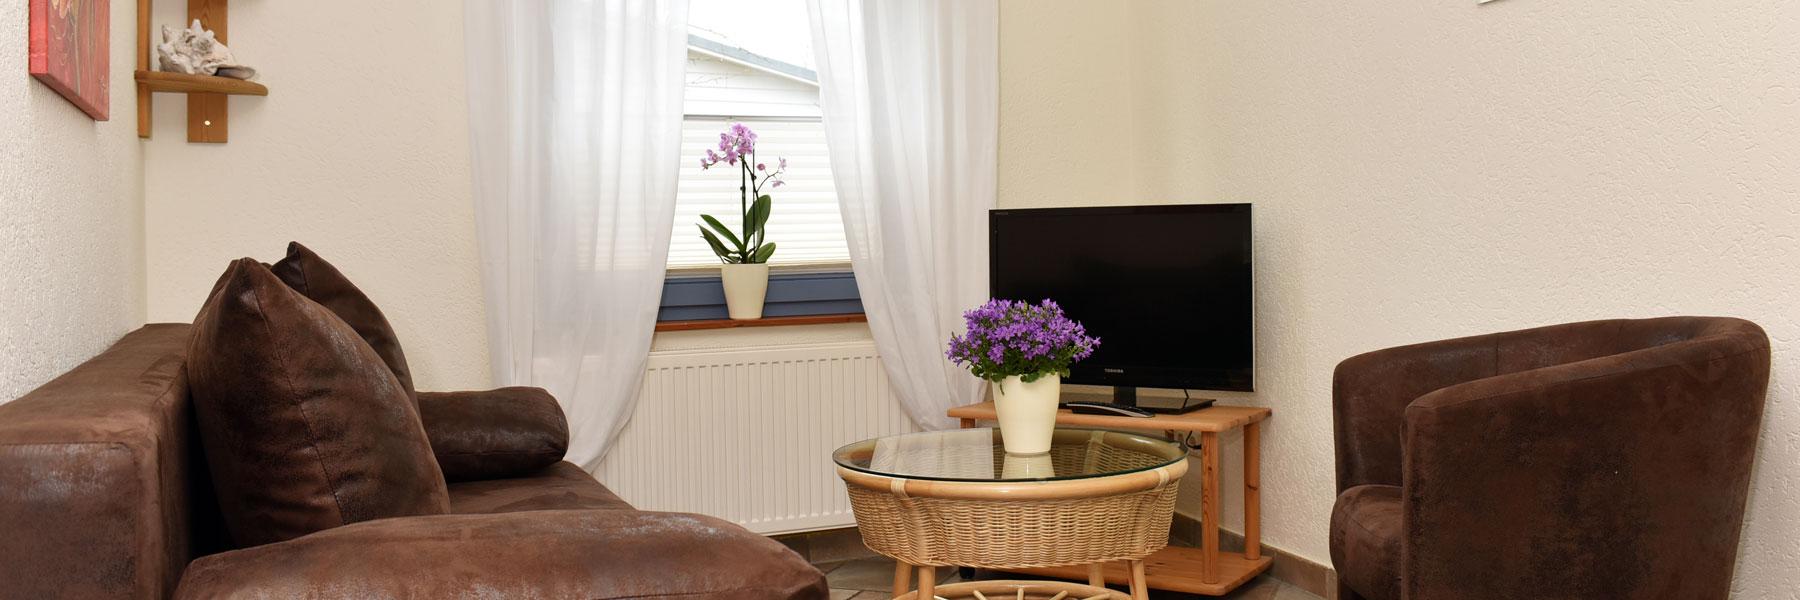 Wohnzimmer - Pension & Restaurant Schifferwiege